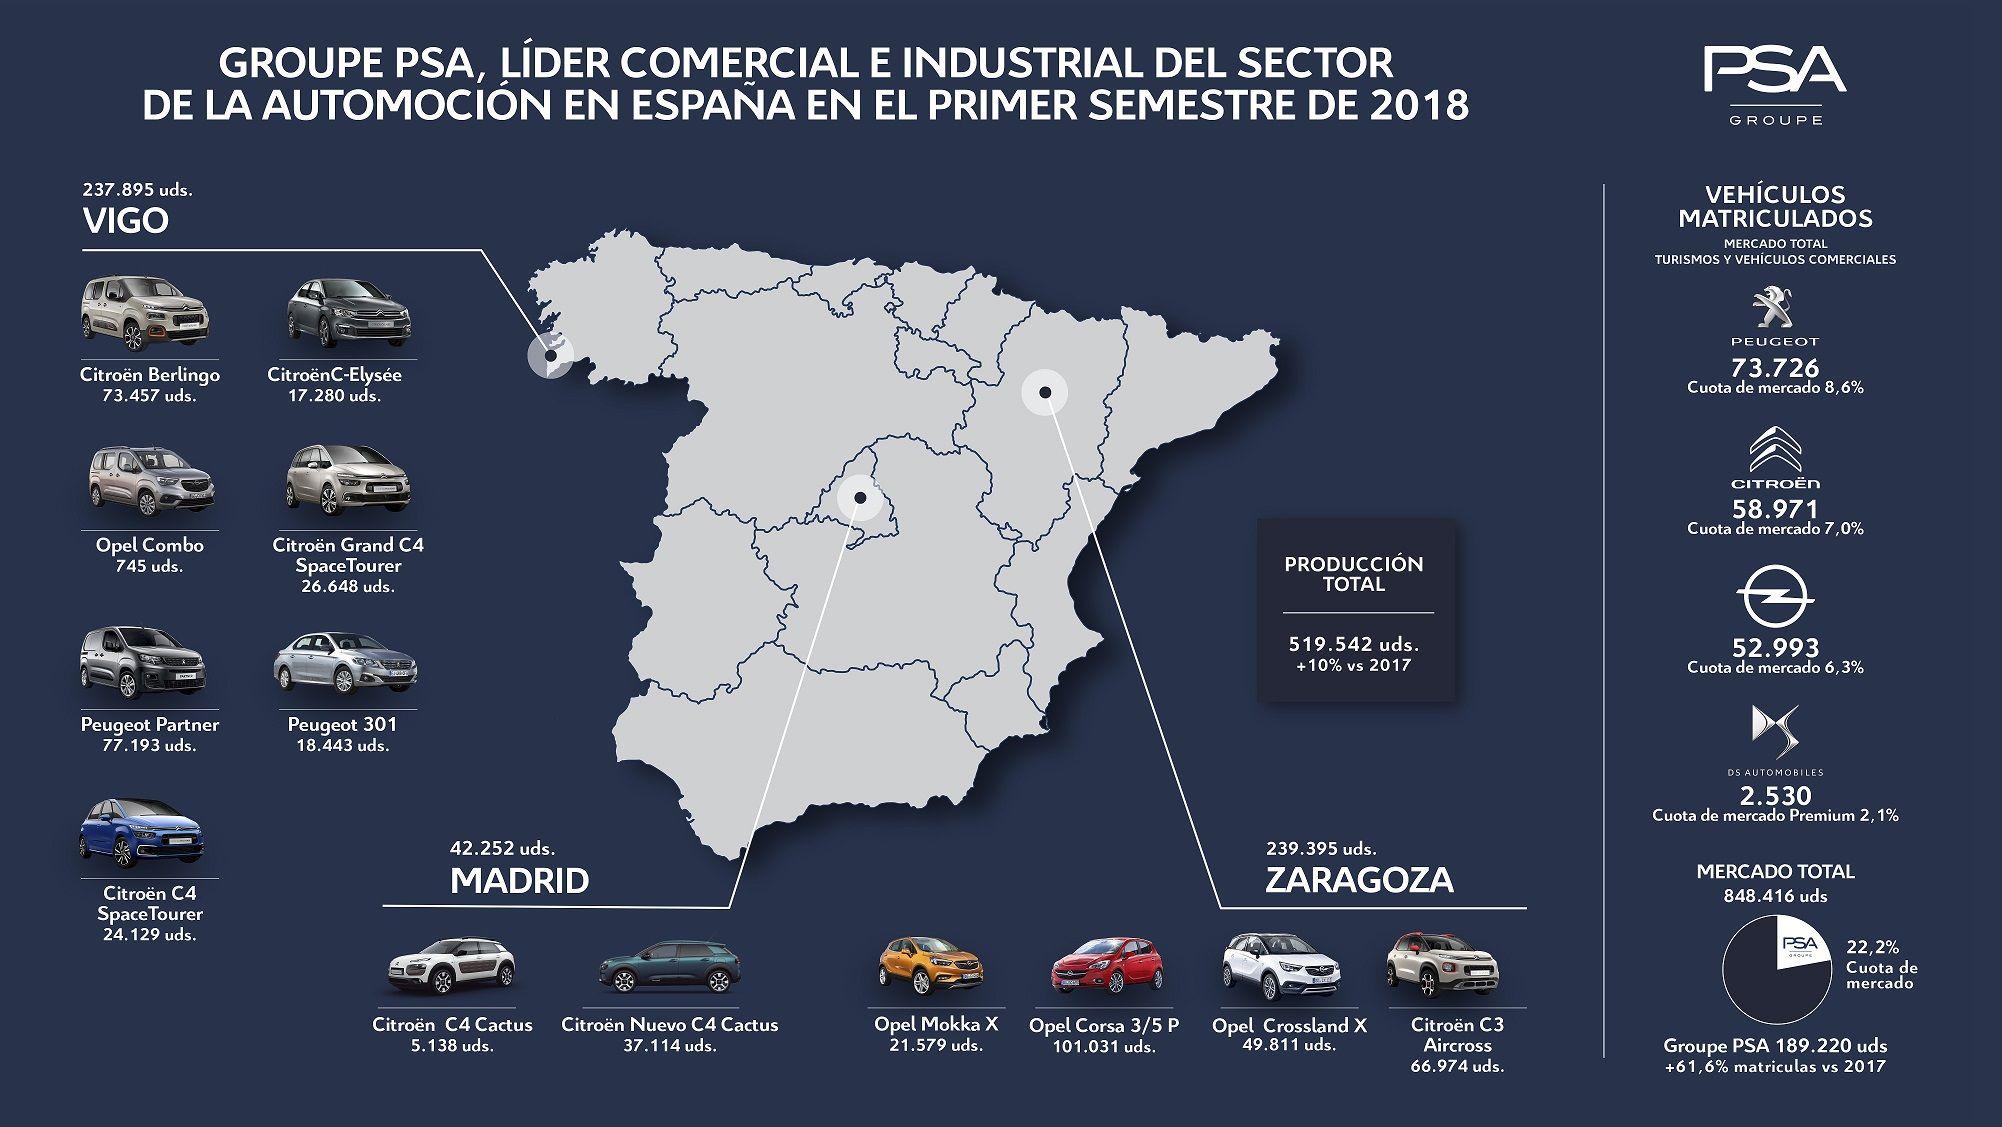 Groupe PSA refuerza su liderazgo comercial e industrial en el sector de la automoción en España durante el primer semestre de 2018